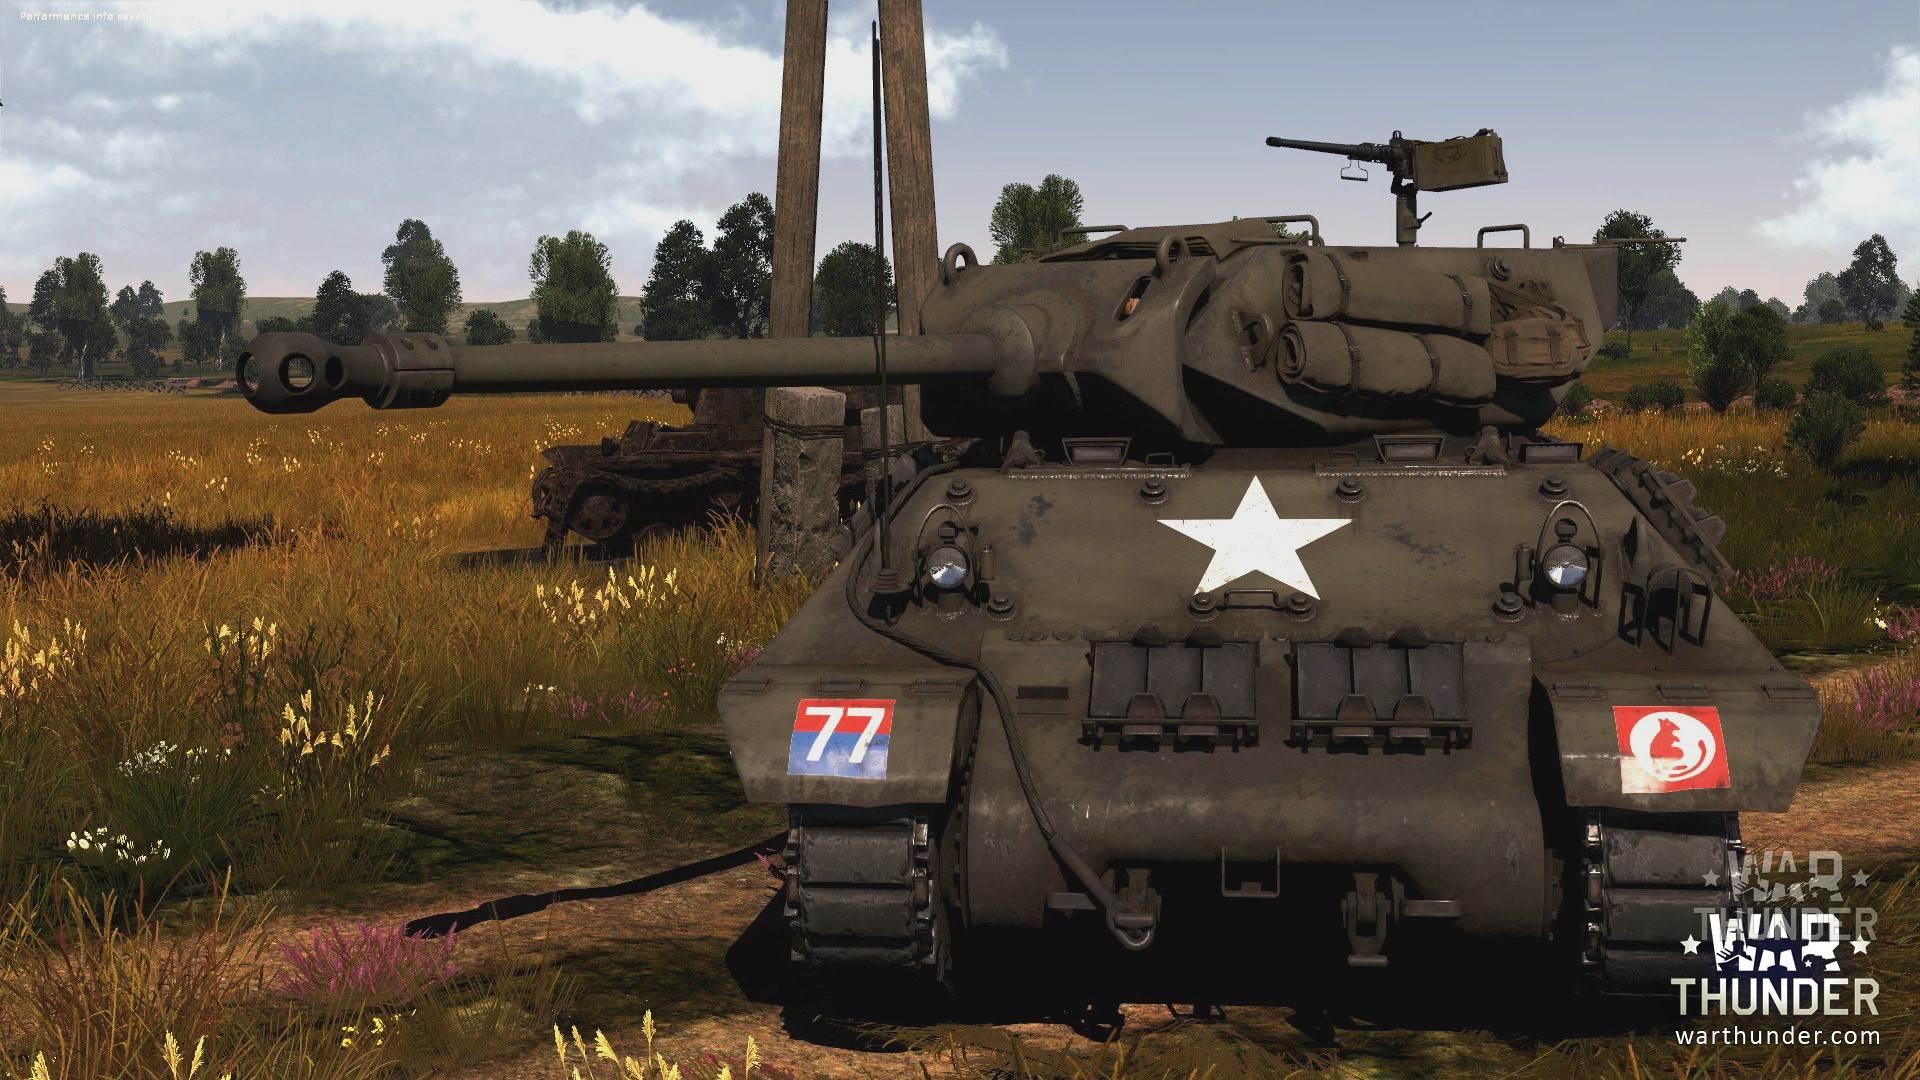 War thunder baron von gamez tanks